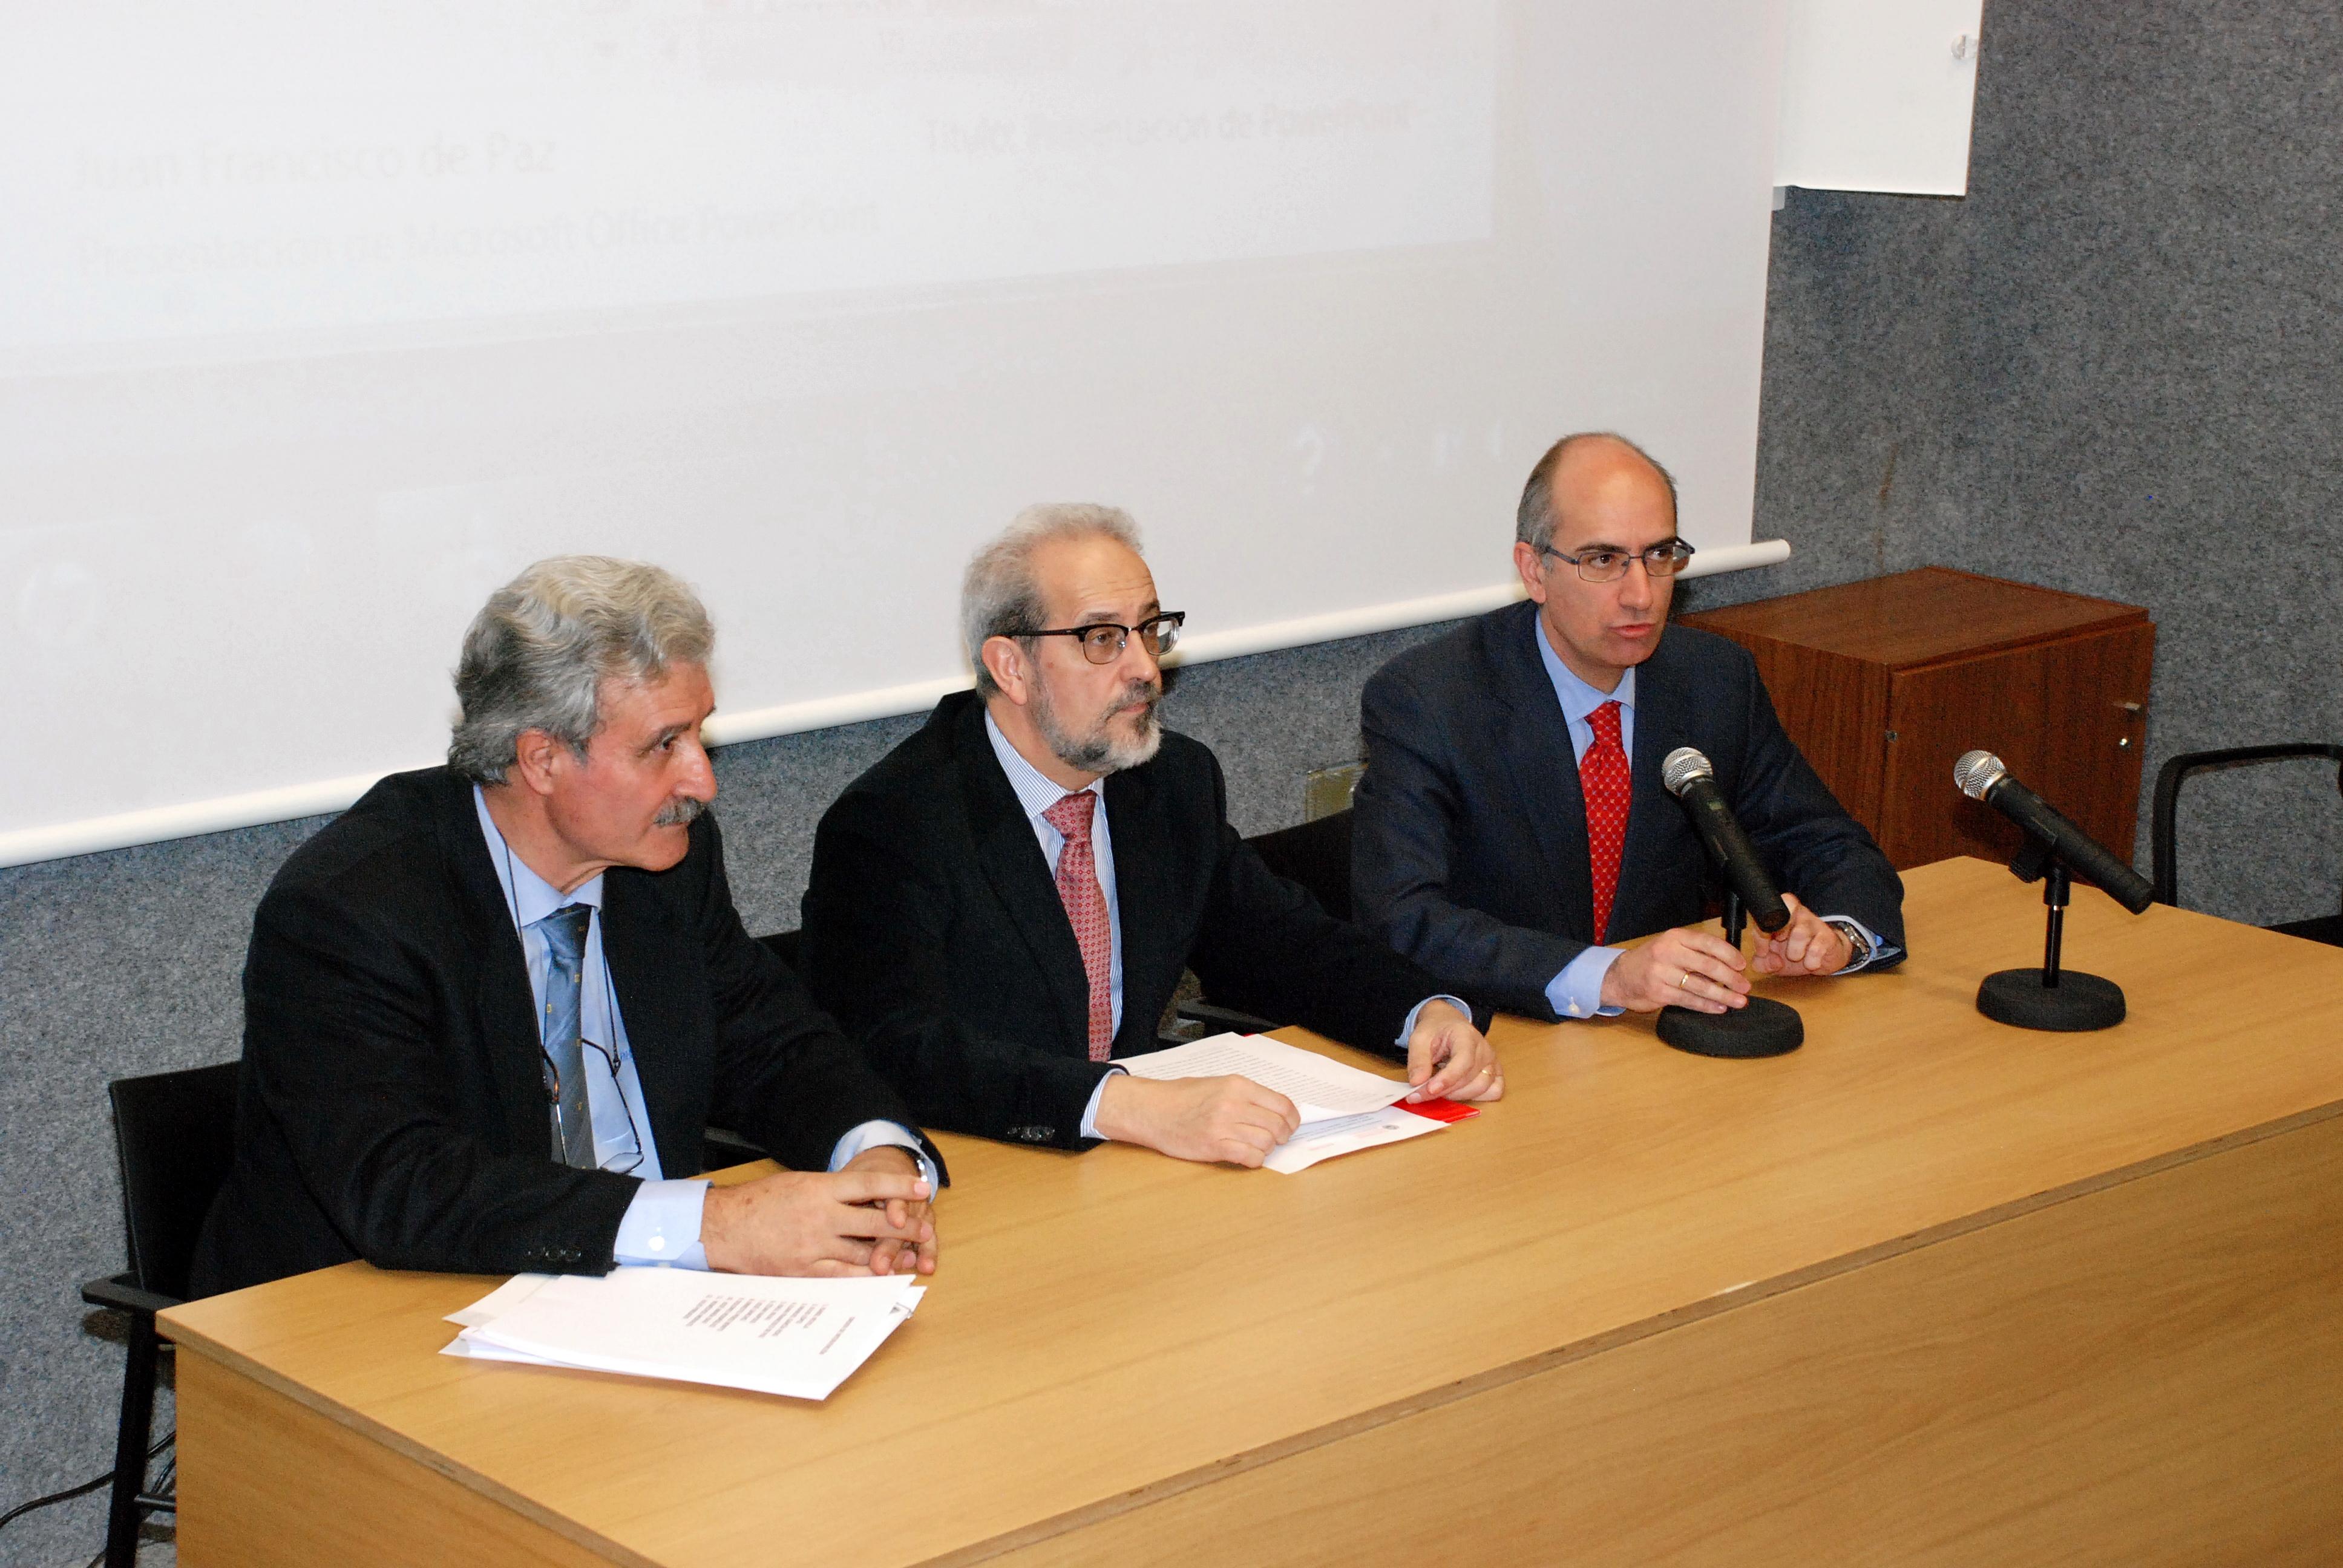 El rector y el presidente de la Diputación inauguran la Jornada de presentación de capacidades investigadoras de la Universidad de Salamanca